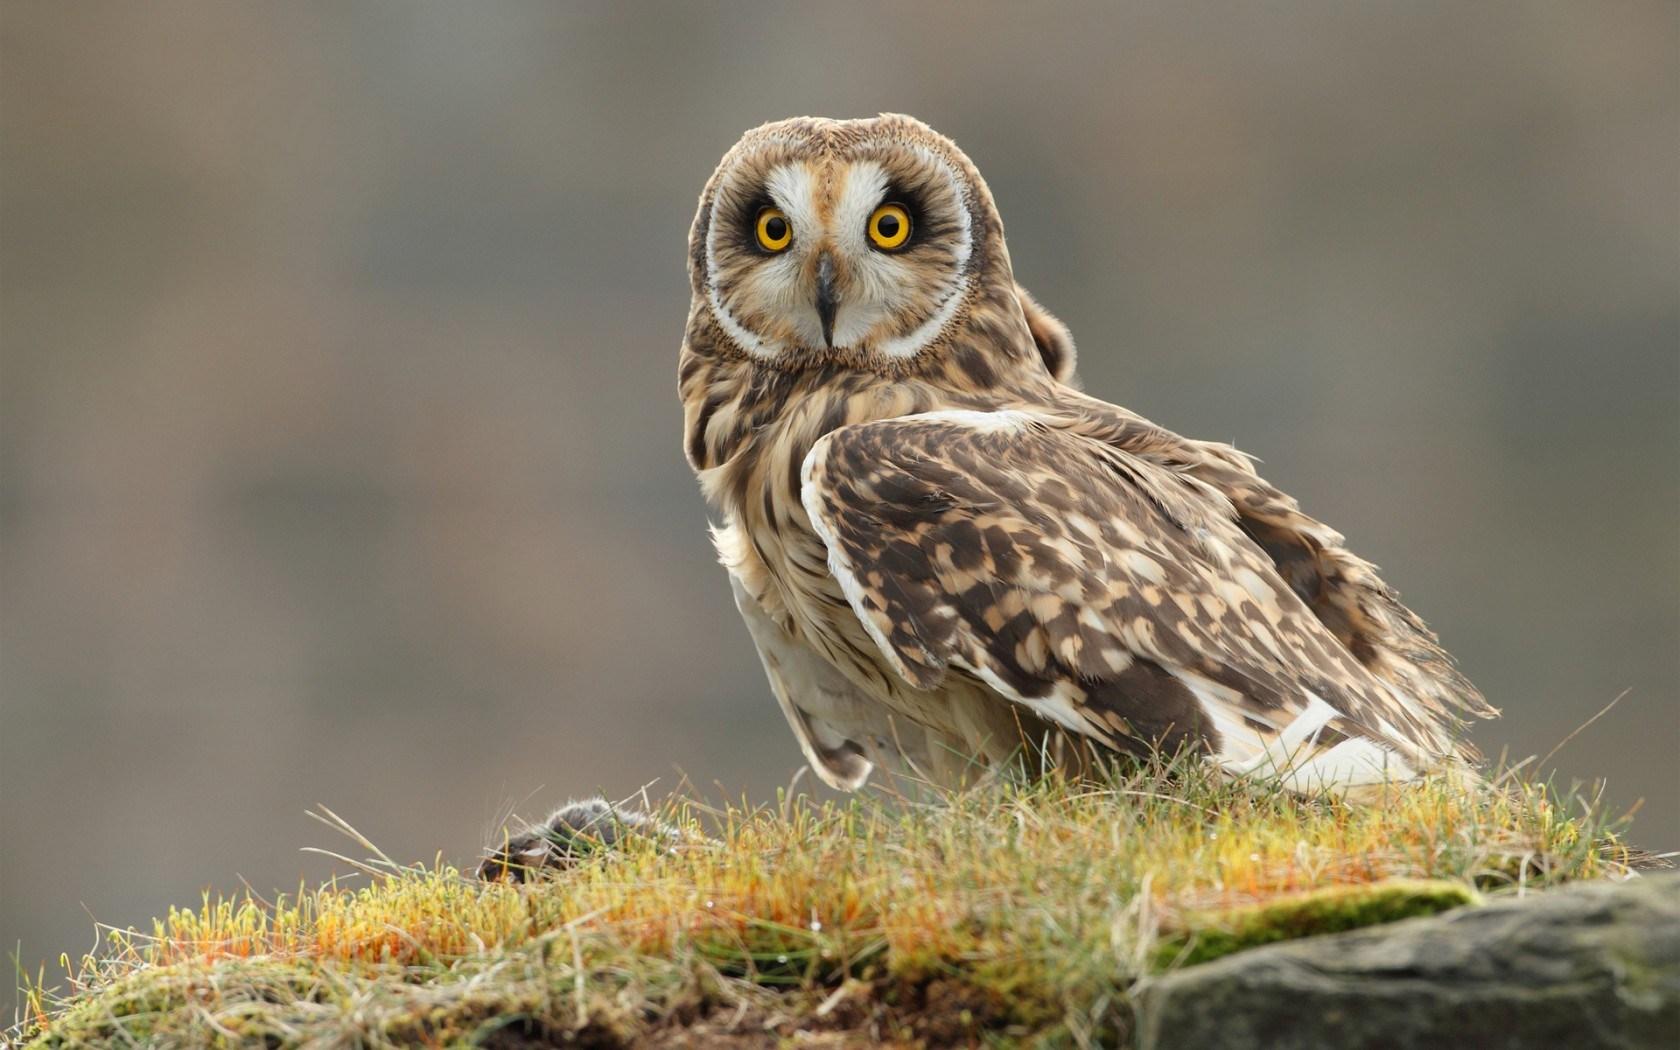 Owl Bird Grass HD Wallpaper